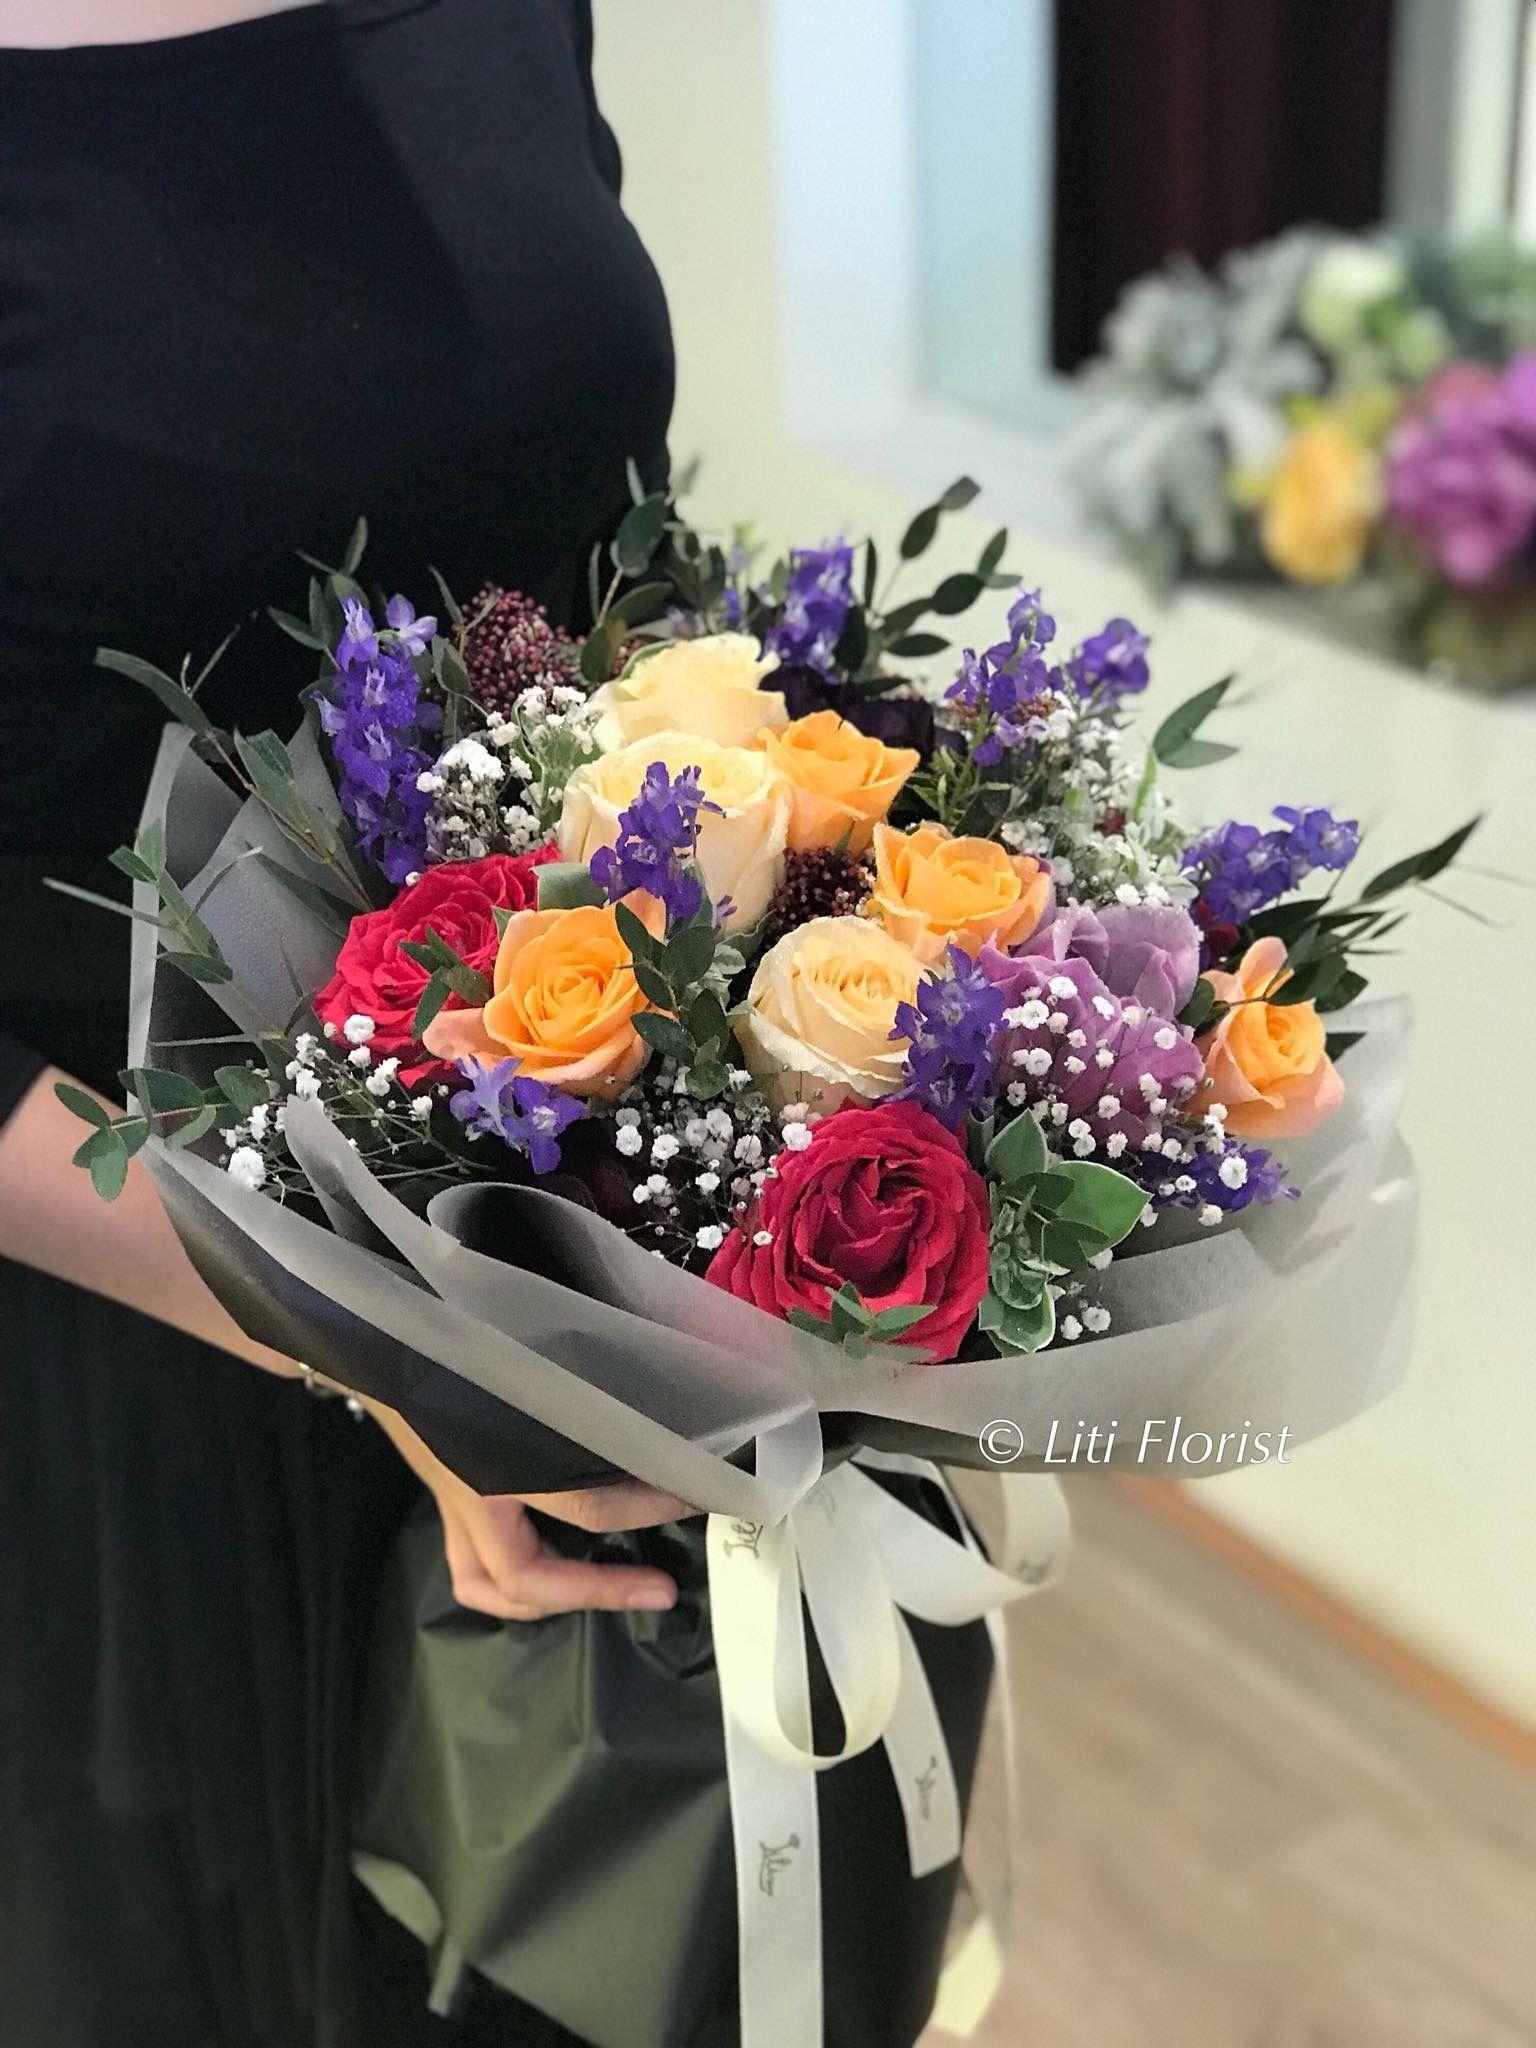 Красивые букеты цветов 2018-2019: модные тенденции флористики